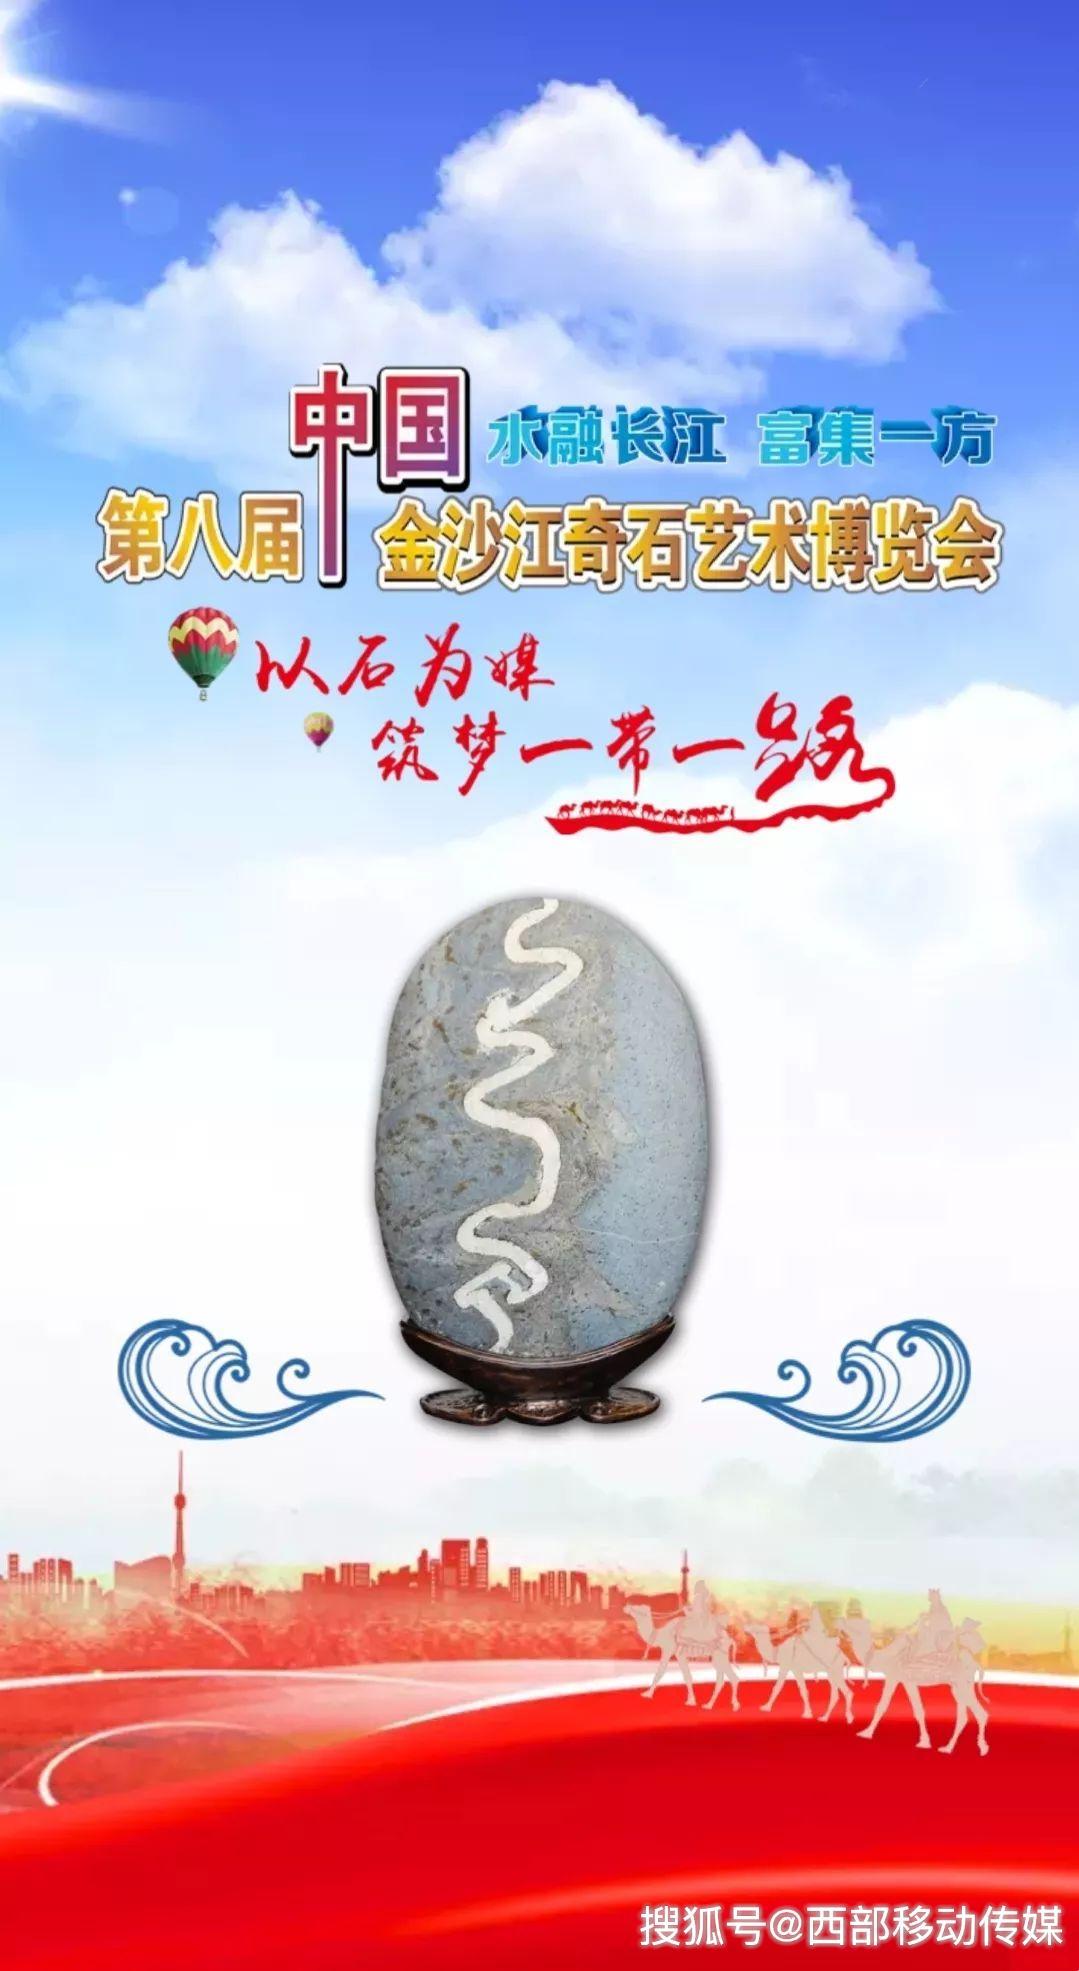 定啦!第八届中国金沙江奇石艺术博览会将于2019年9月28日开幕